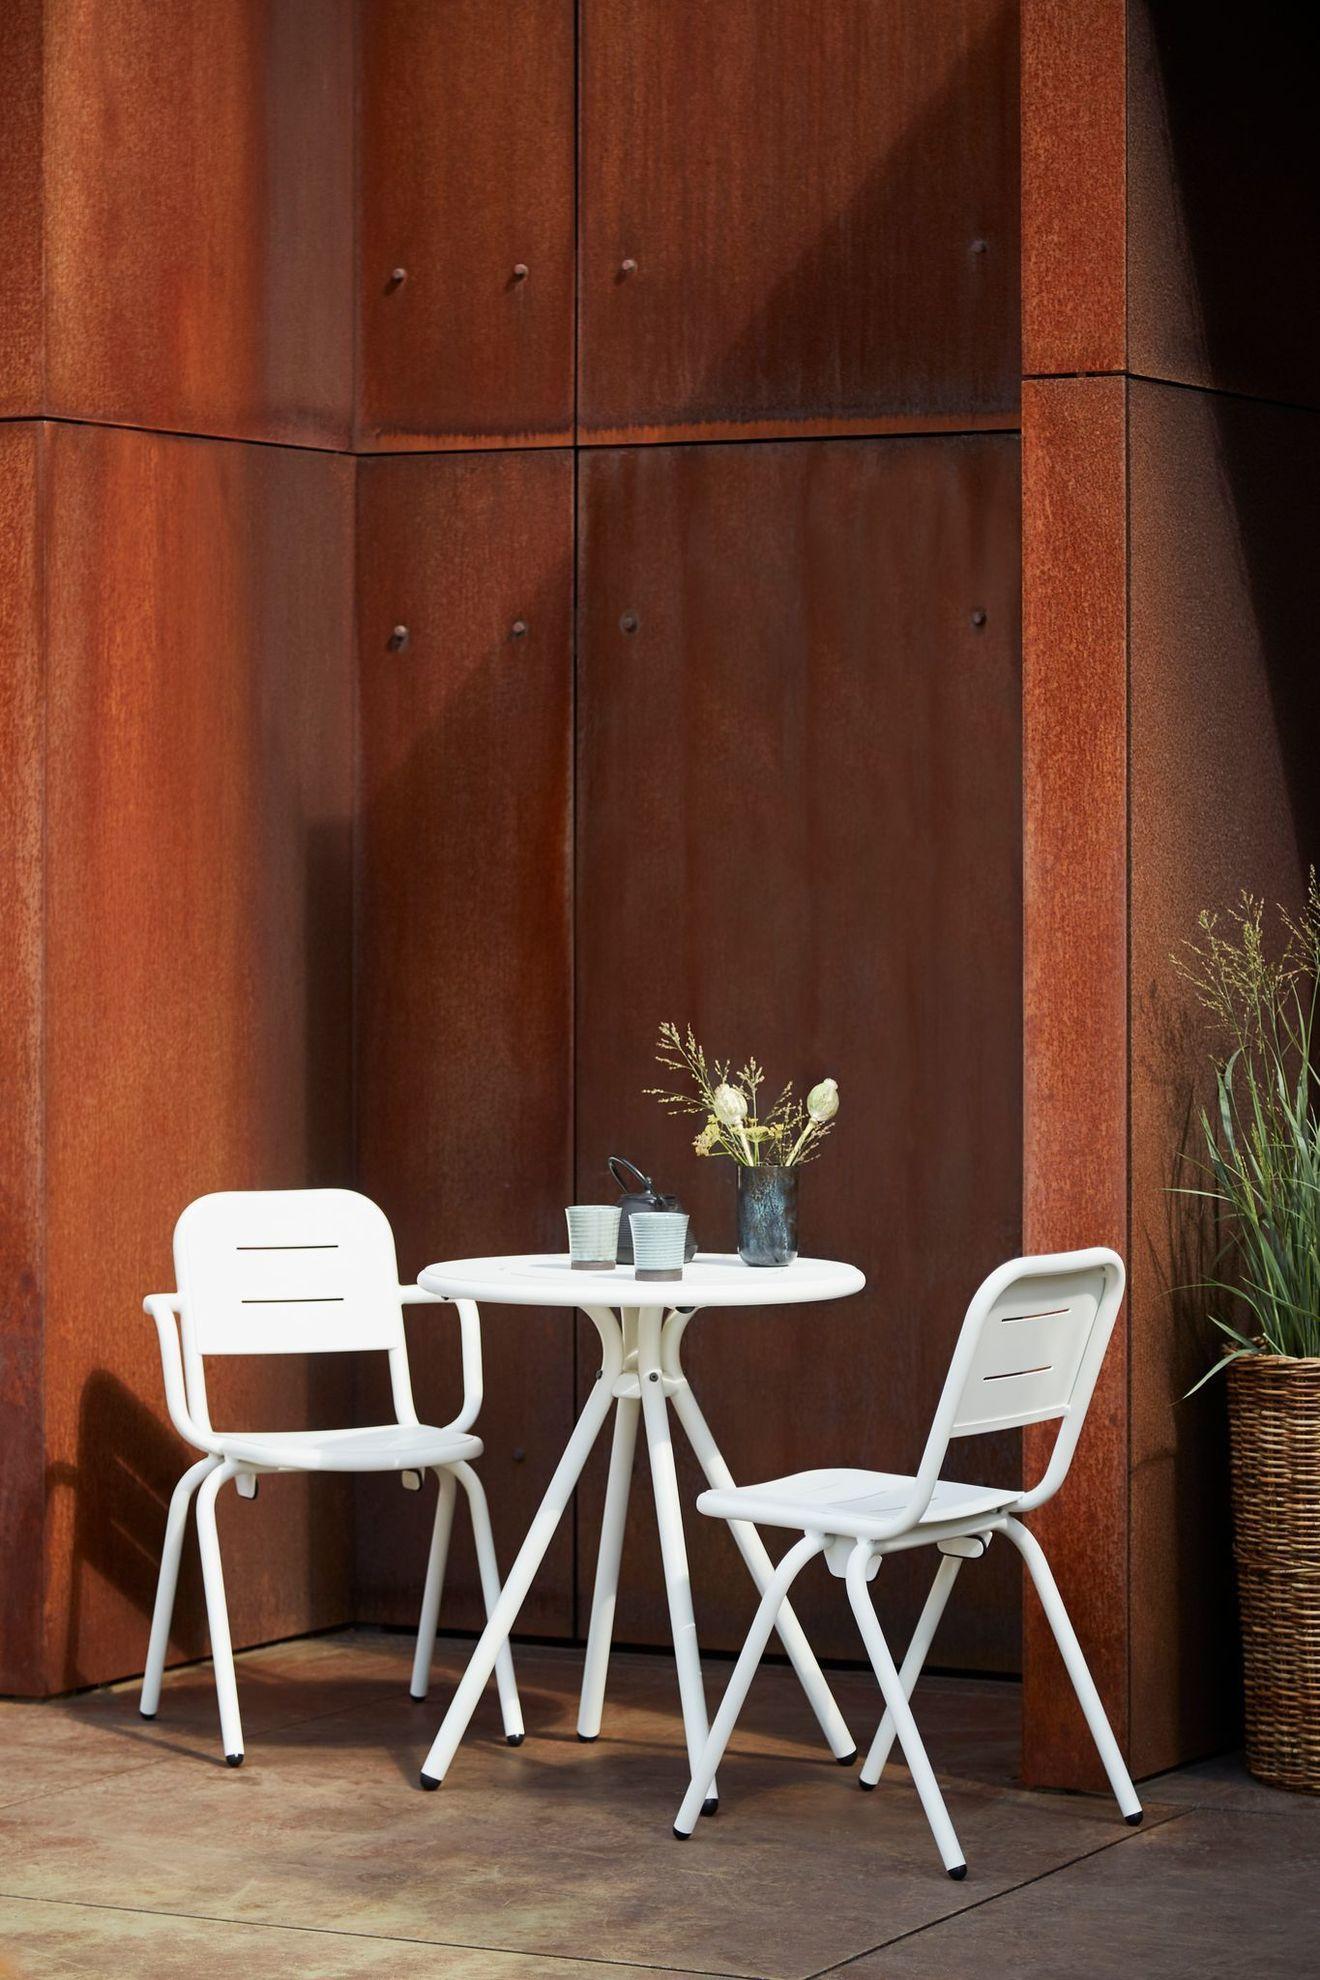 TerrasseBalconFauteuilChaise D Et Petite Meuble Table XZuiPwOTlk